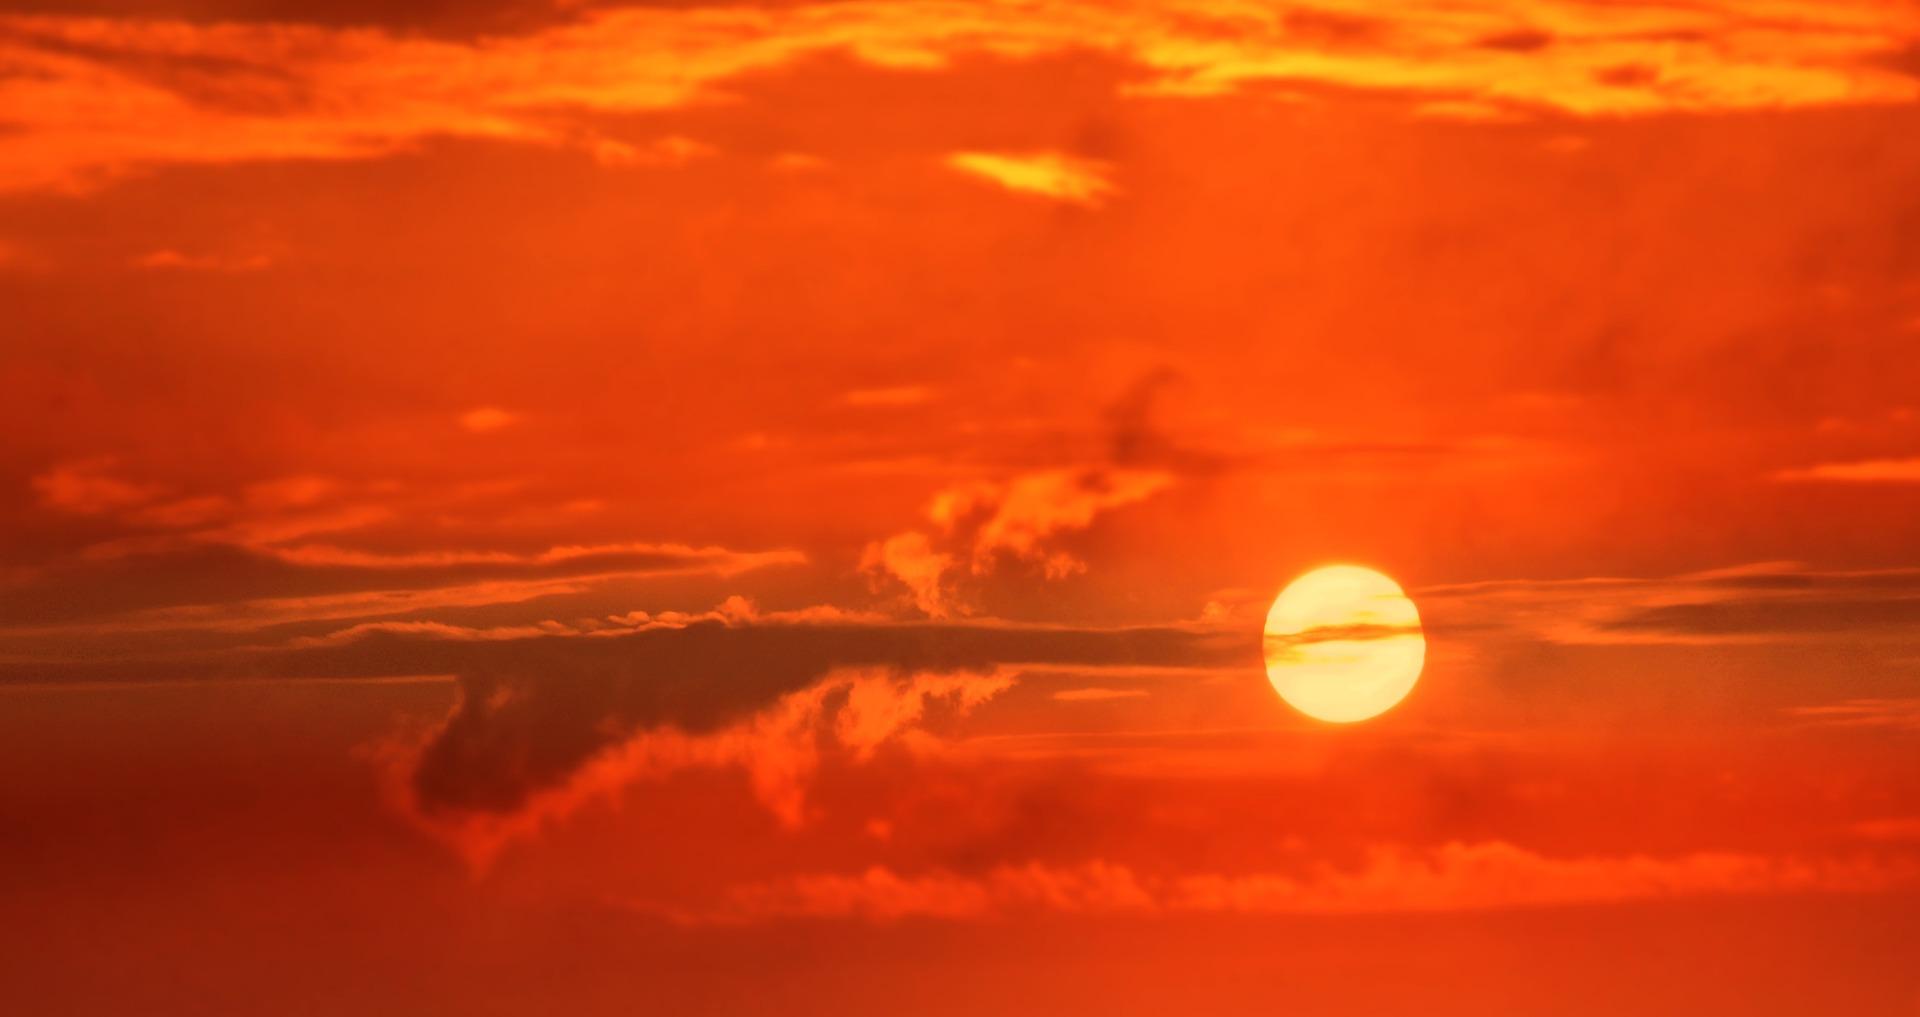 sunrise-3533173_1920